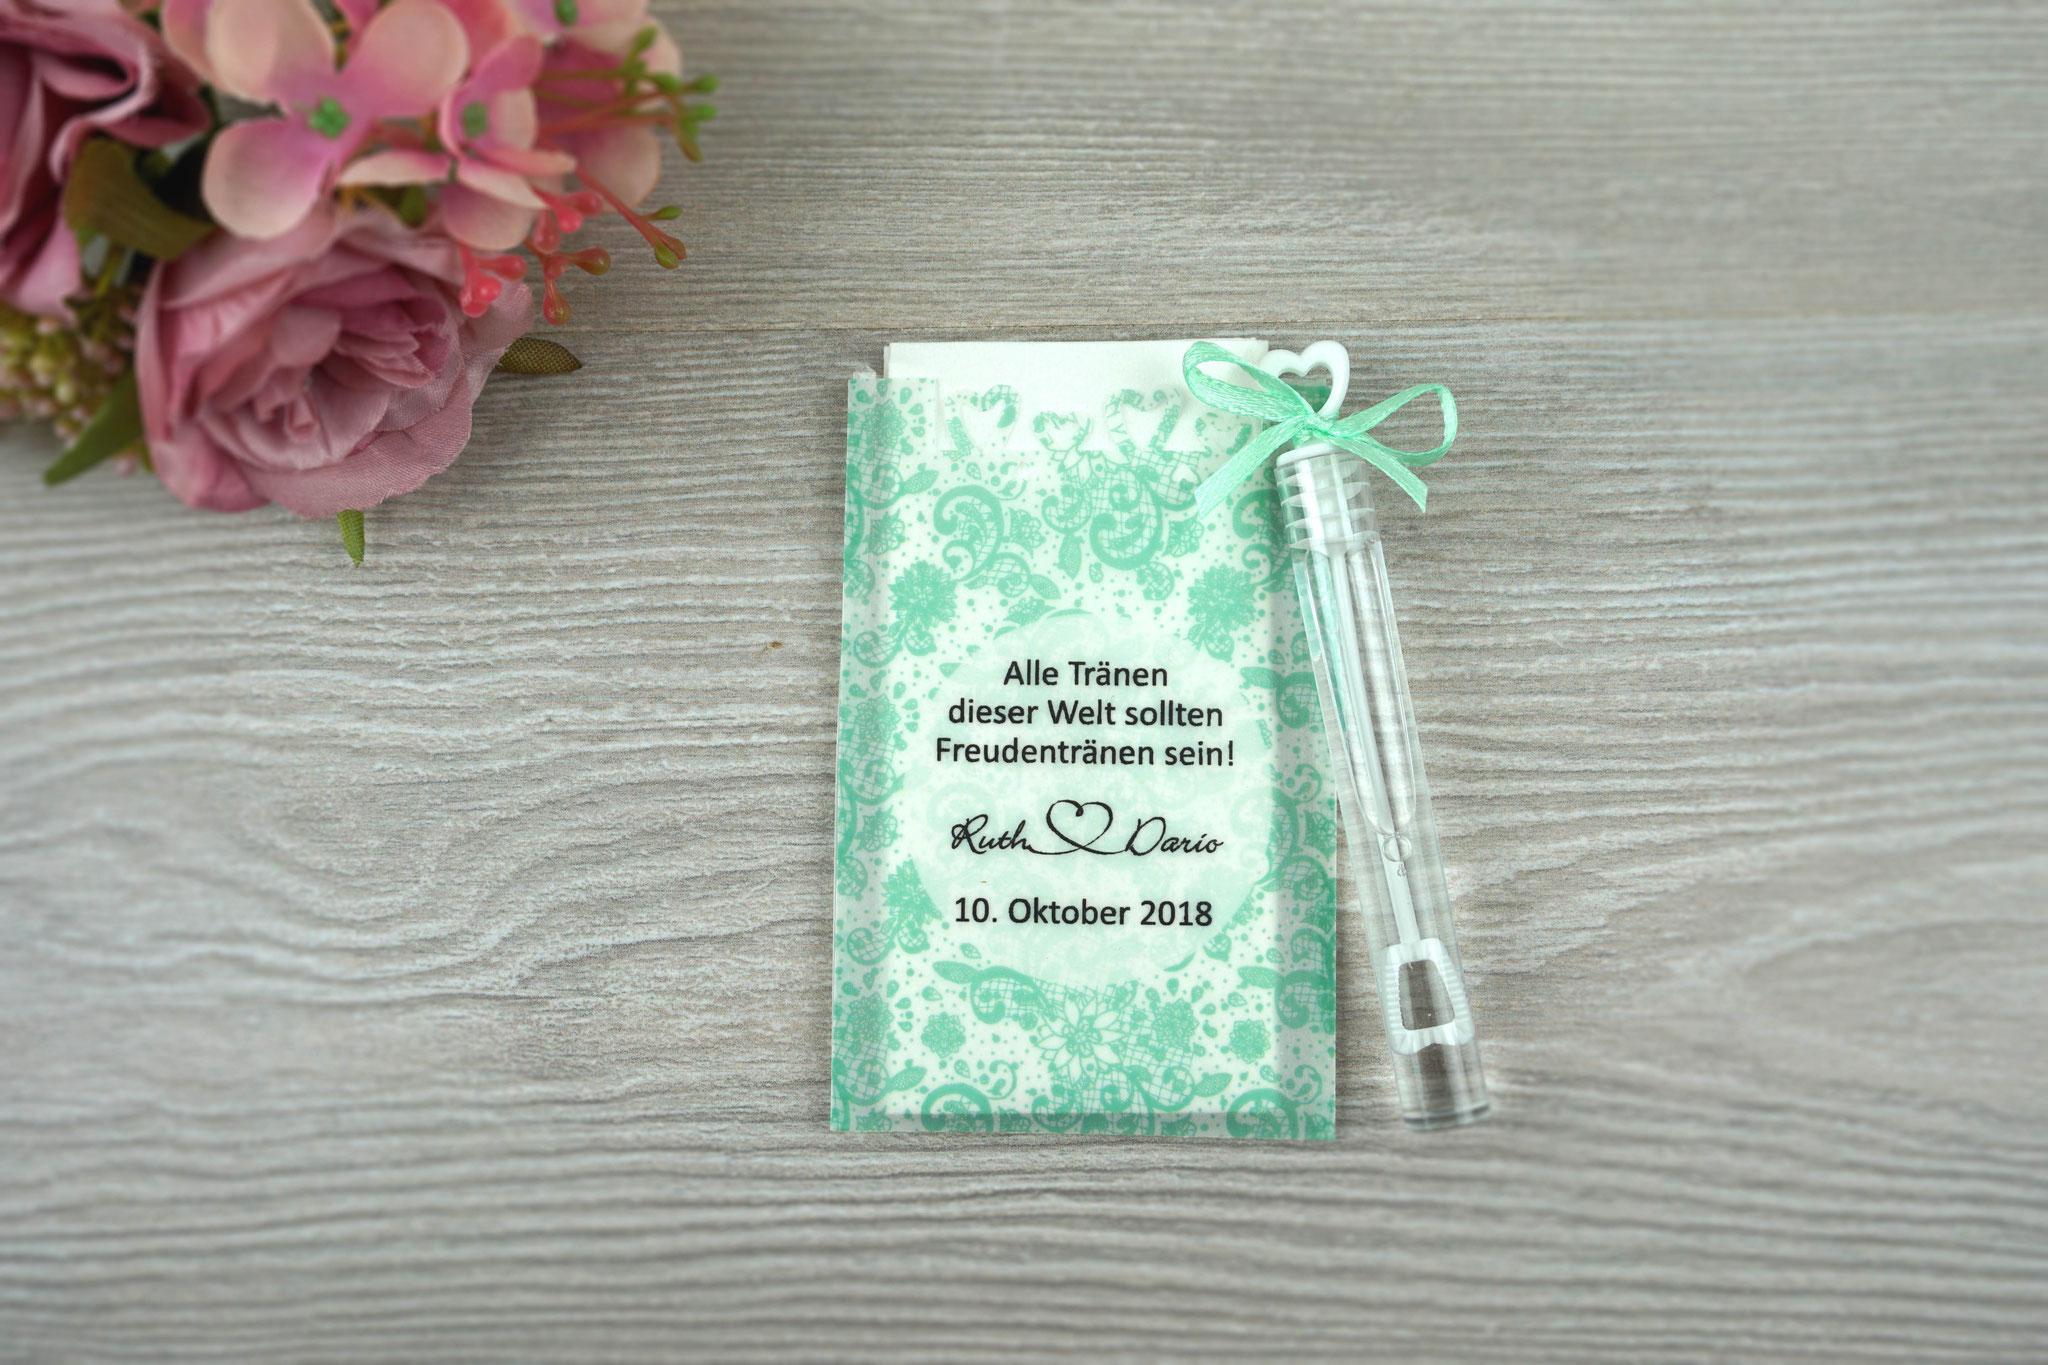 Freudentränen Taschentücher mit Herzrand und Seifenblasen, Design Spitze Vintage, Farbe mint, Satinband